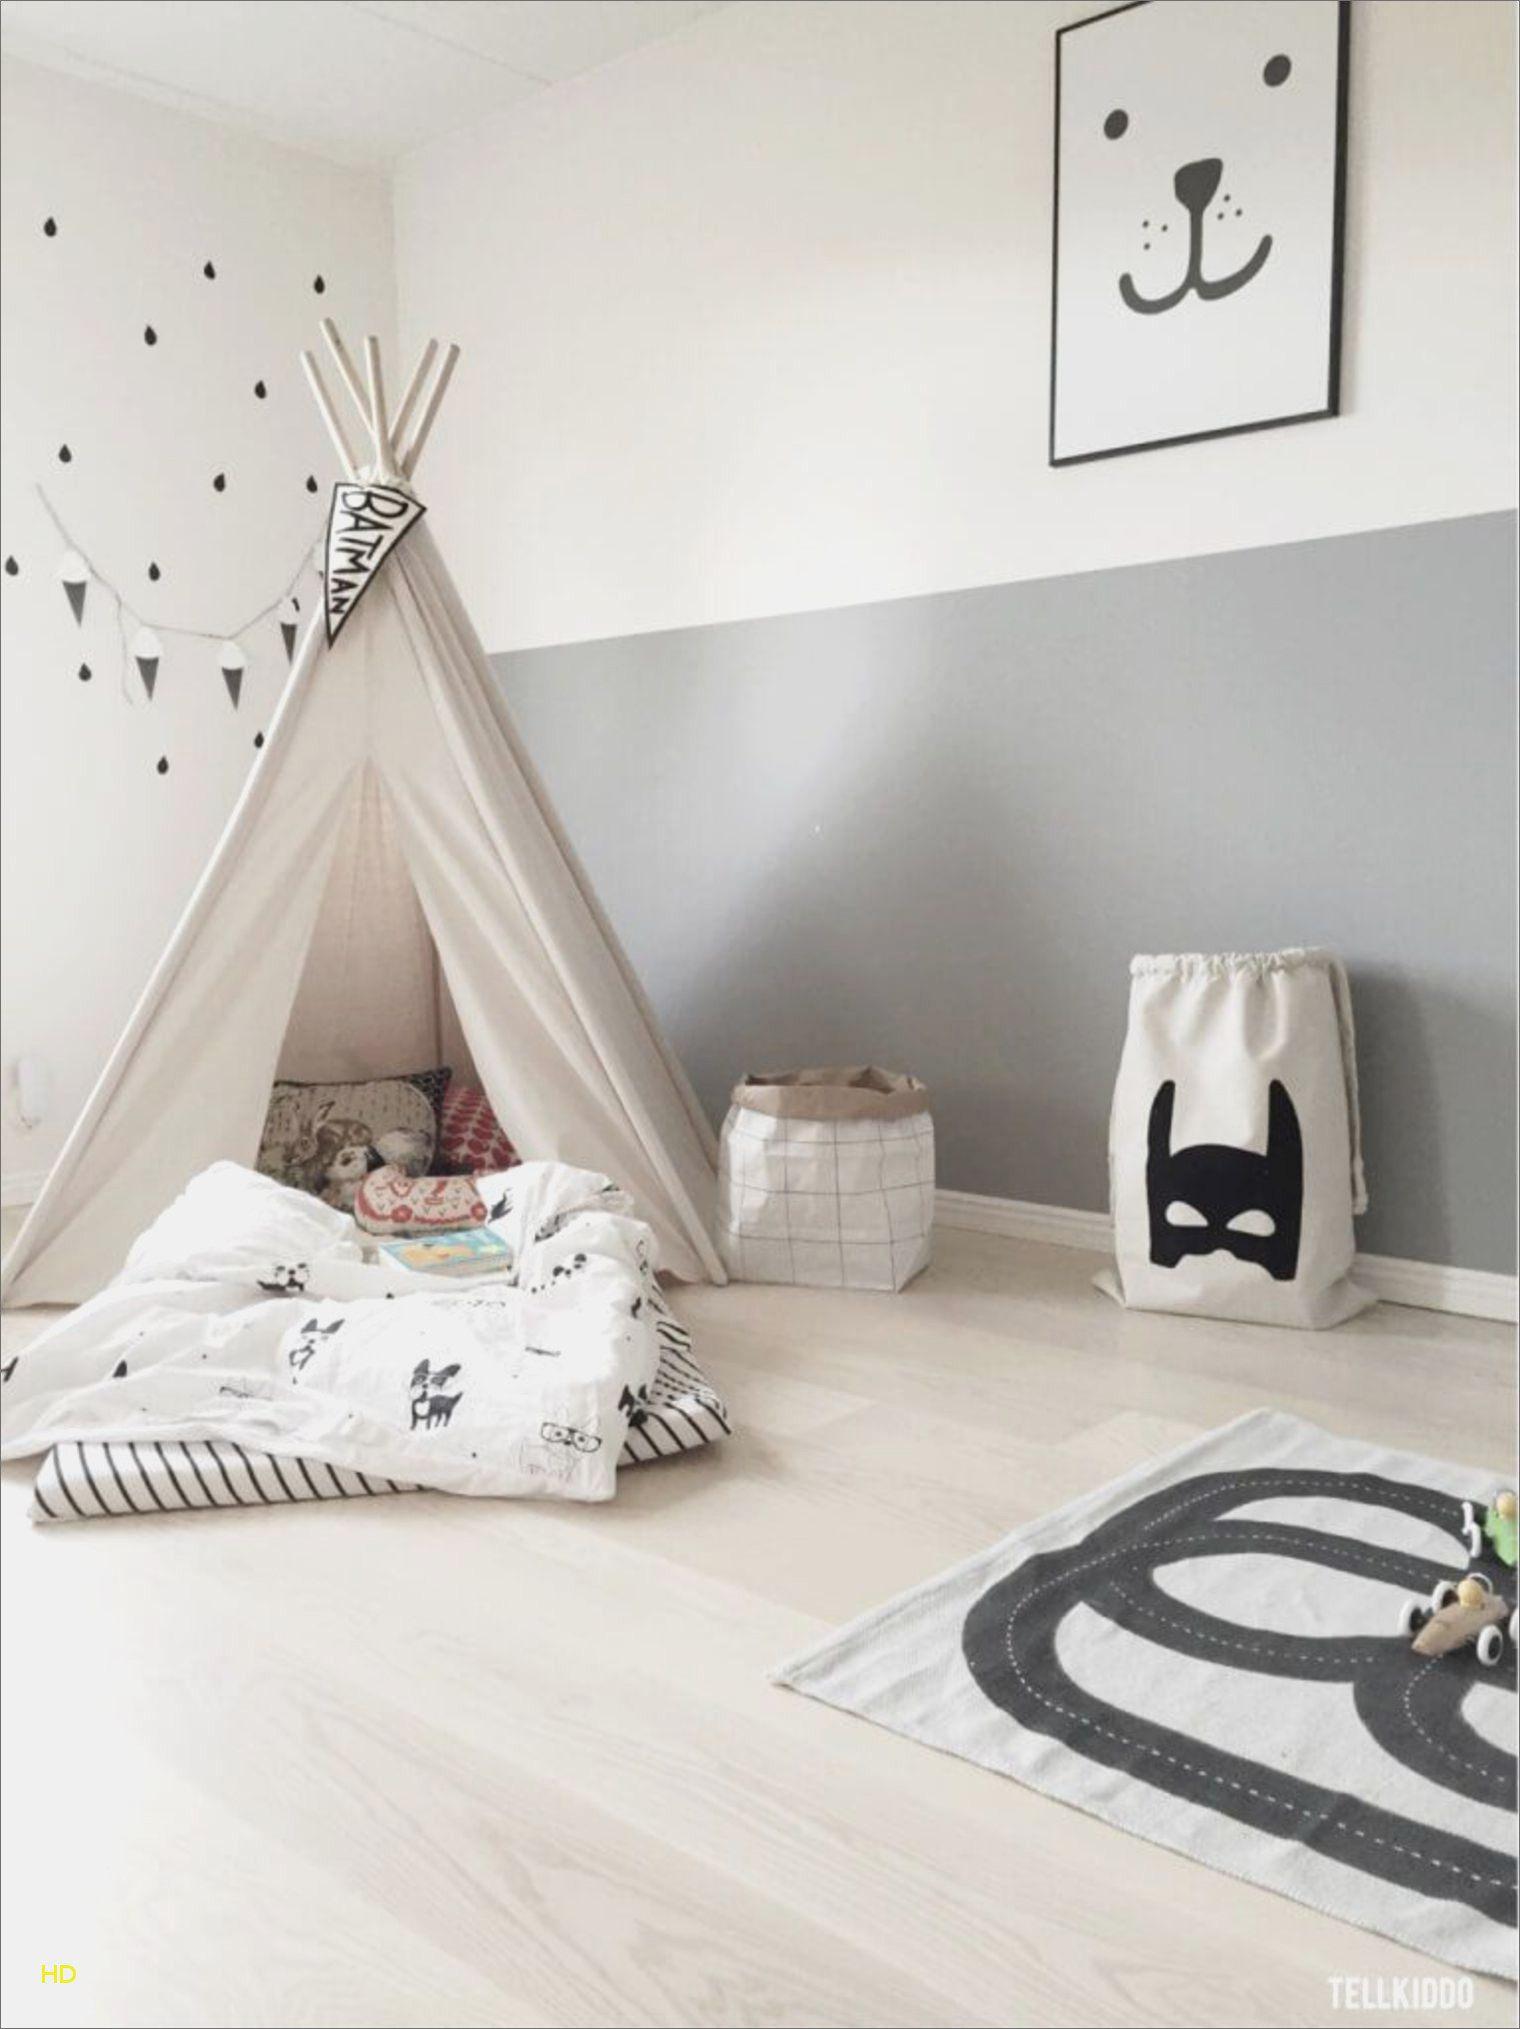 Lit Enfant Tipi Frais Intéressant Tipi Chambre Enfant Et 16 Elegant Tipi Chambre Gar§on